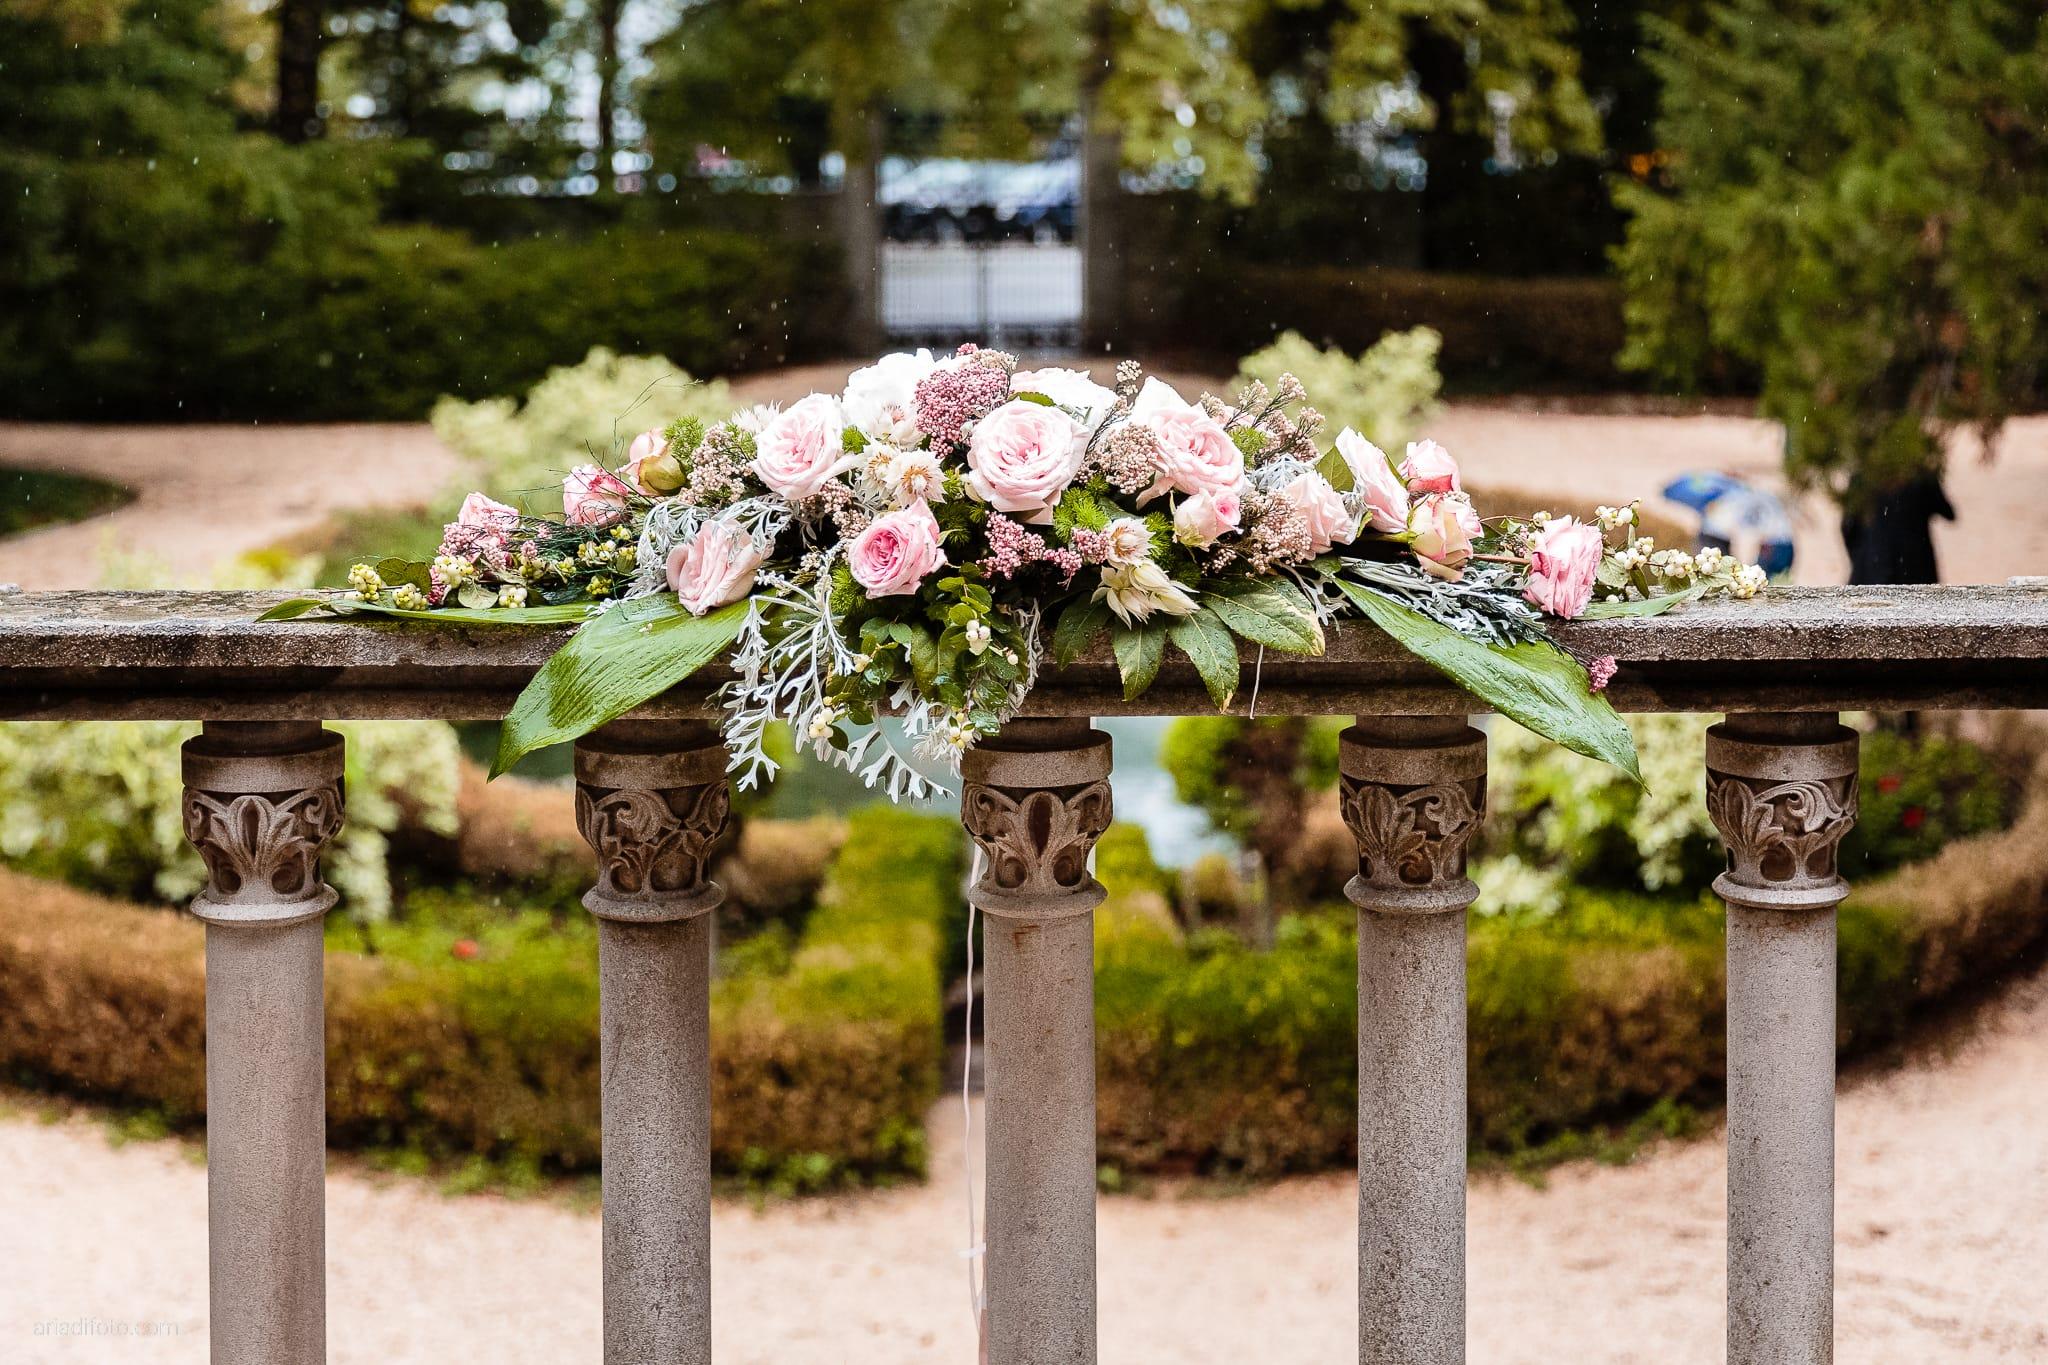 Giorgia Davide Matrimonio Chiesa San Pasquale Villa Revoltella Salvia Rosmarino Trieste cerimonia dettagli fiori rose